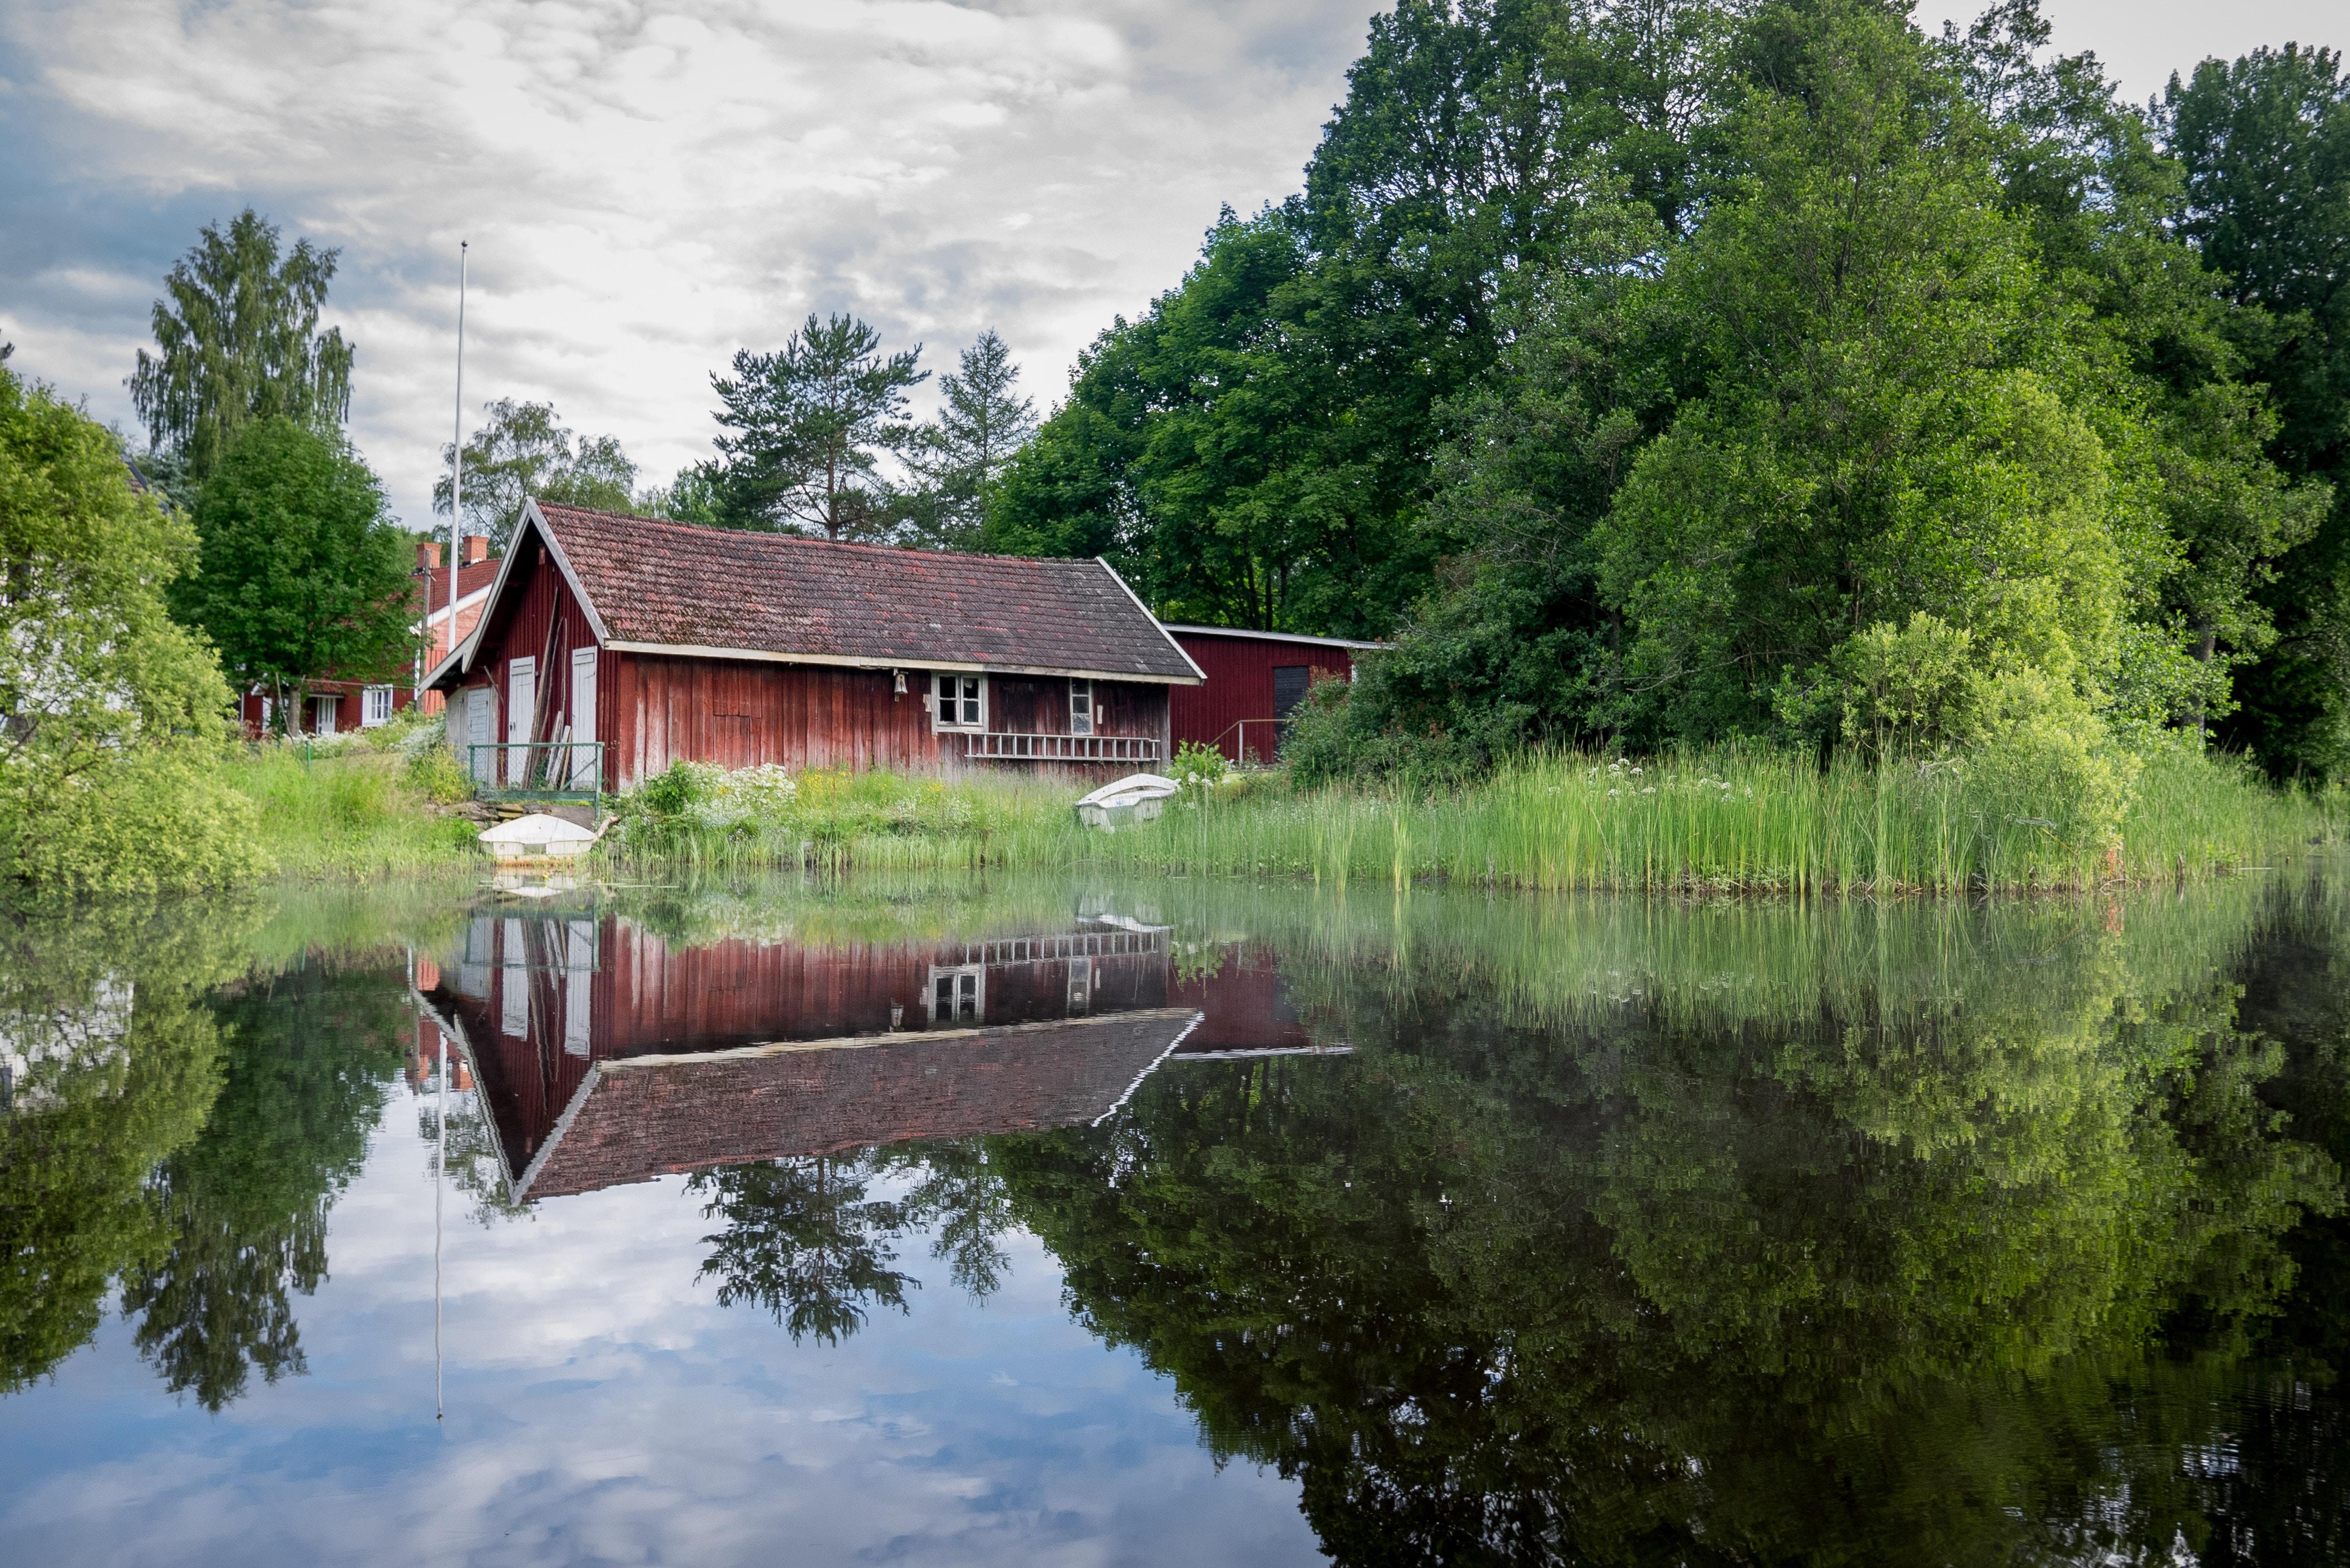 A finn titok meg a svéd lagom - északi recept a boldogsághoz